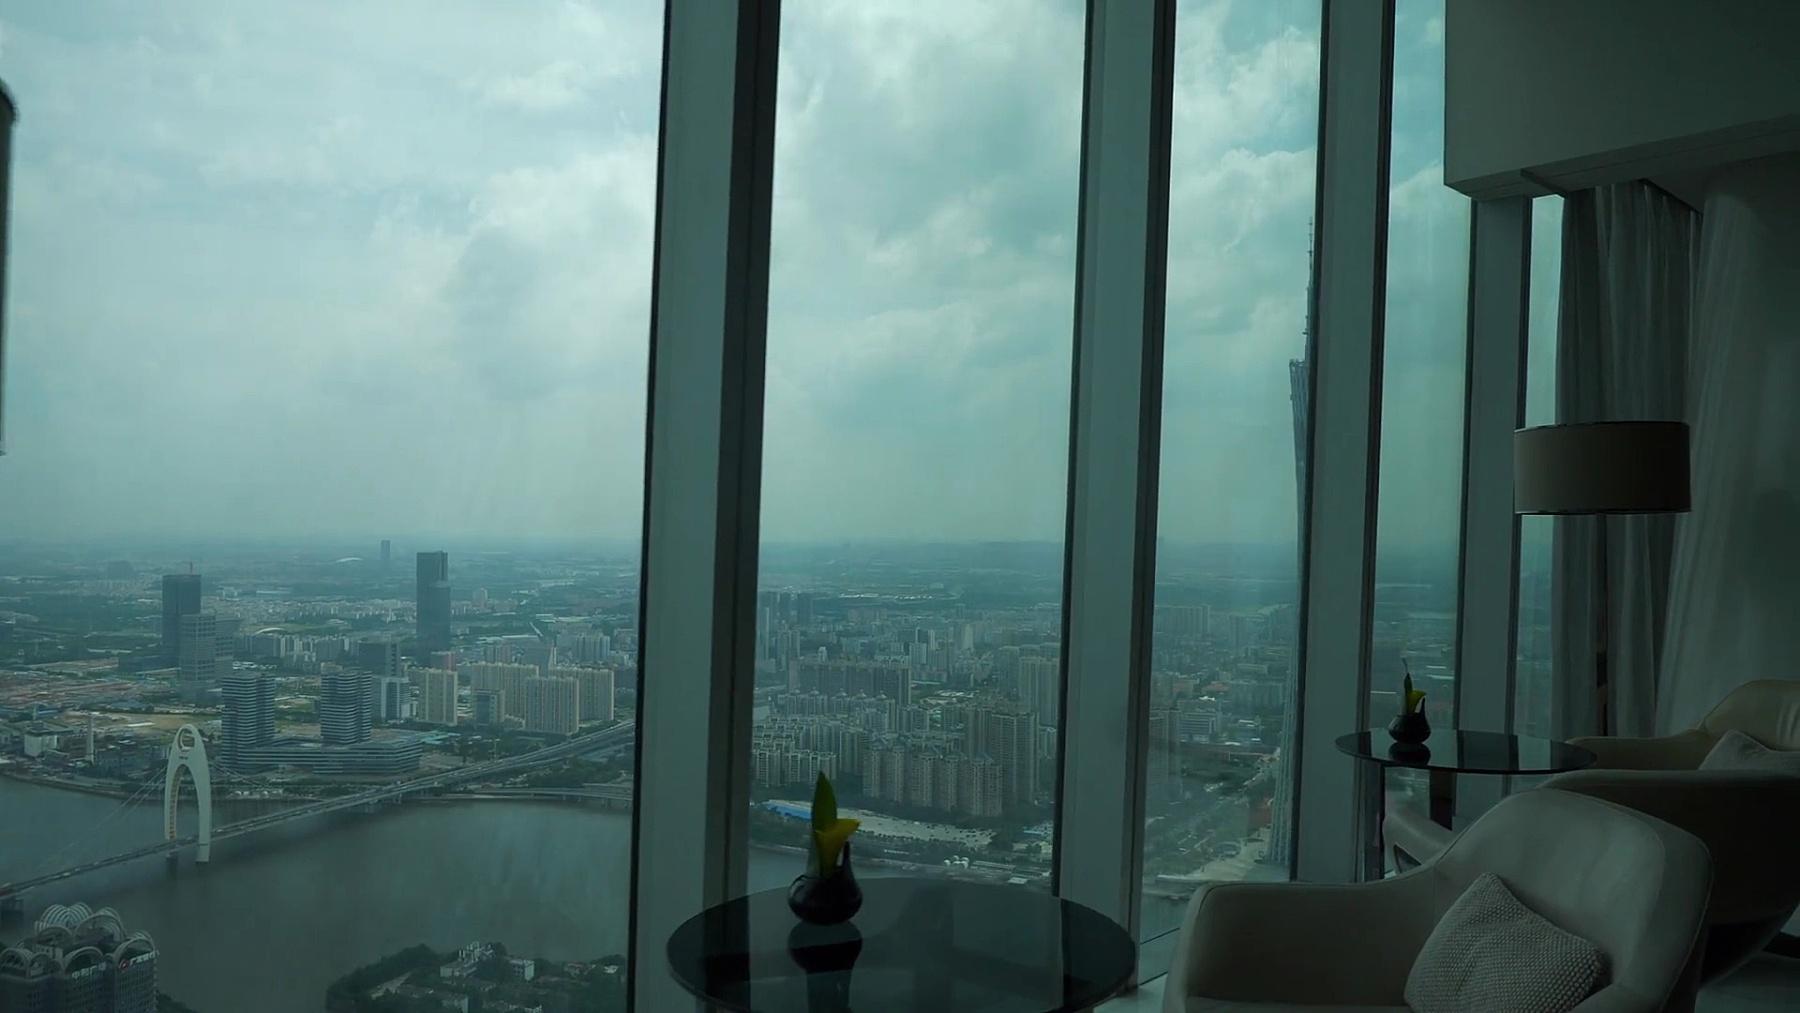 日间广州著名塔顶观景厅慢动作全景 中国